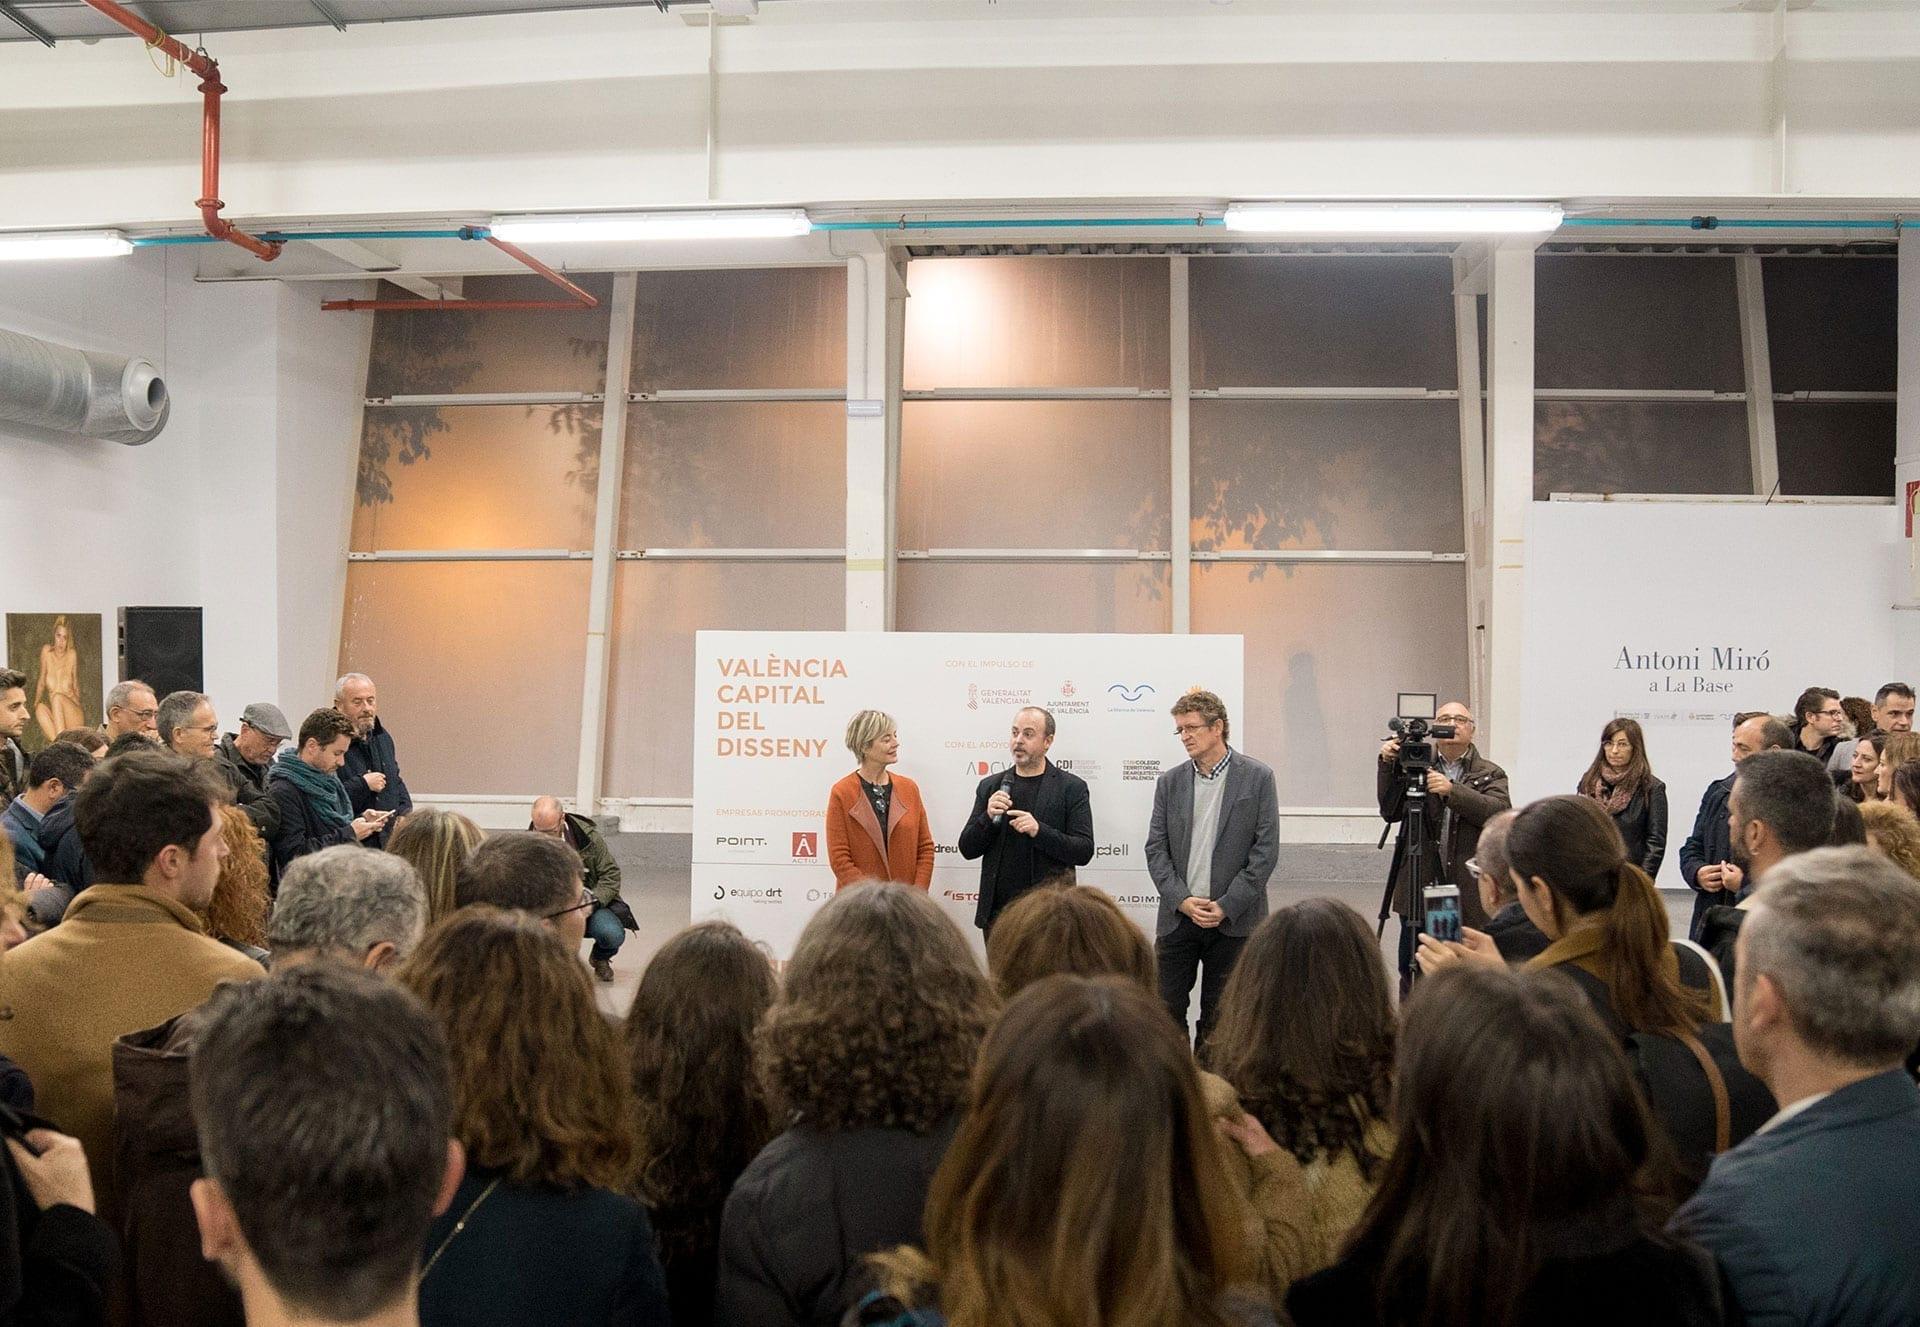 Presentación de la candidatura de València para ser Capital Mundial del Diseño